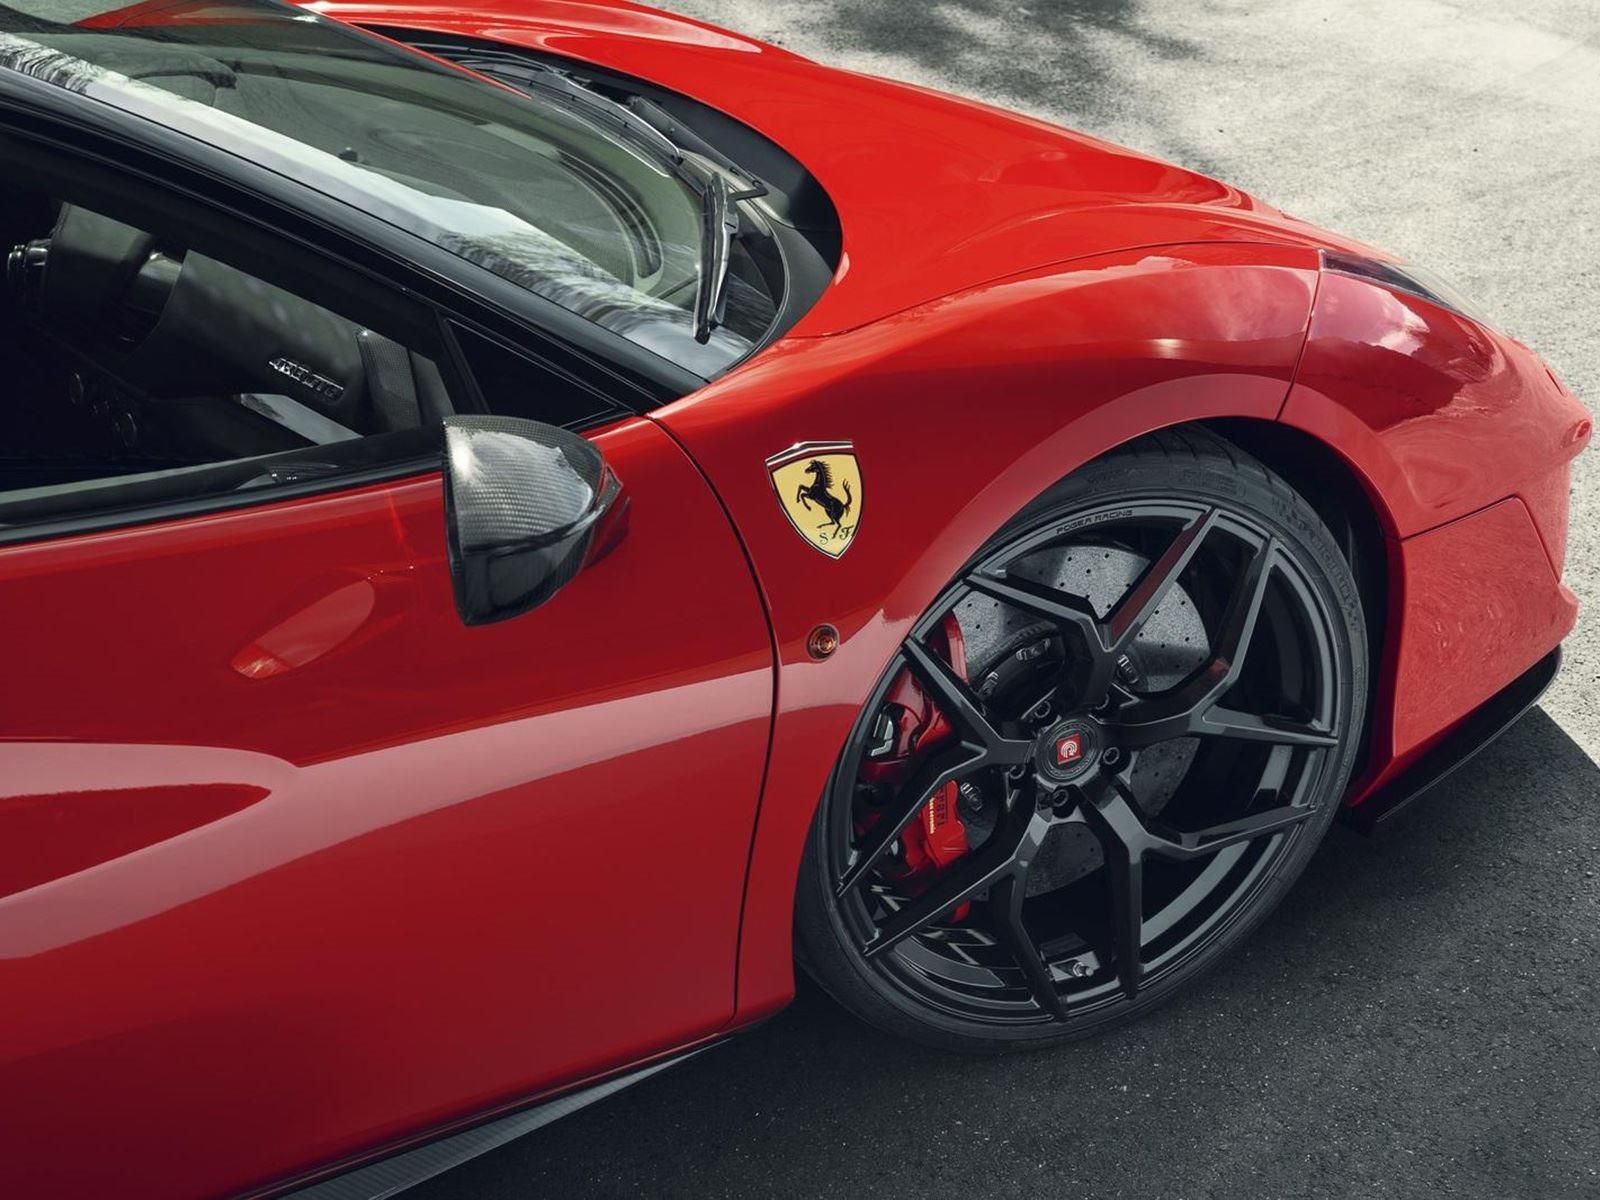 На Женевском автосалоне в этом году Ferrari представил Pista, более хардкорную версию суперкара 488 GTB с приличной мощностью 720 лошадиных сил.